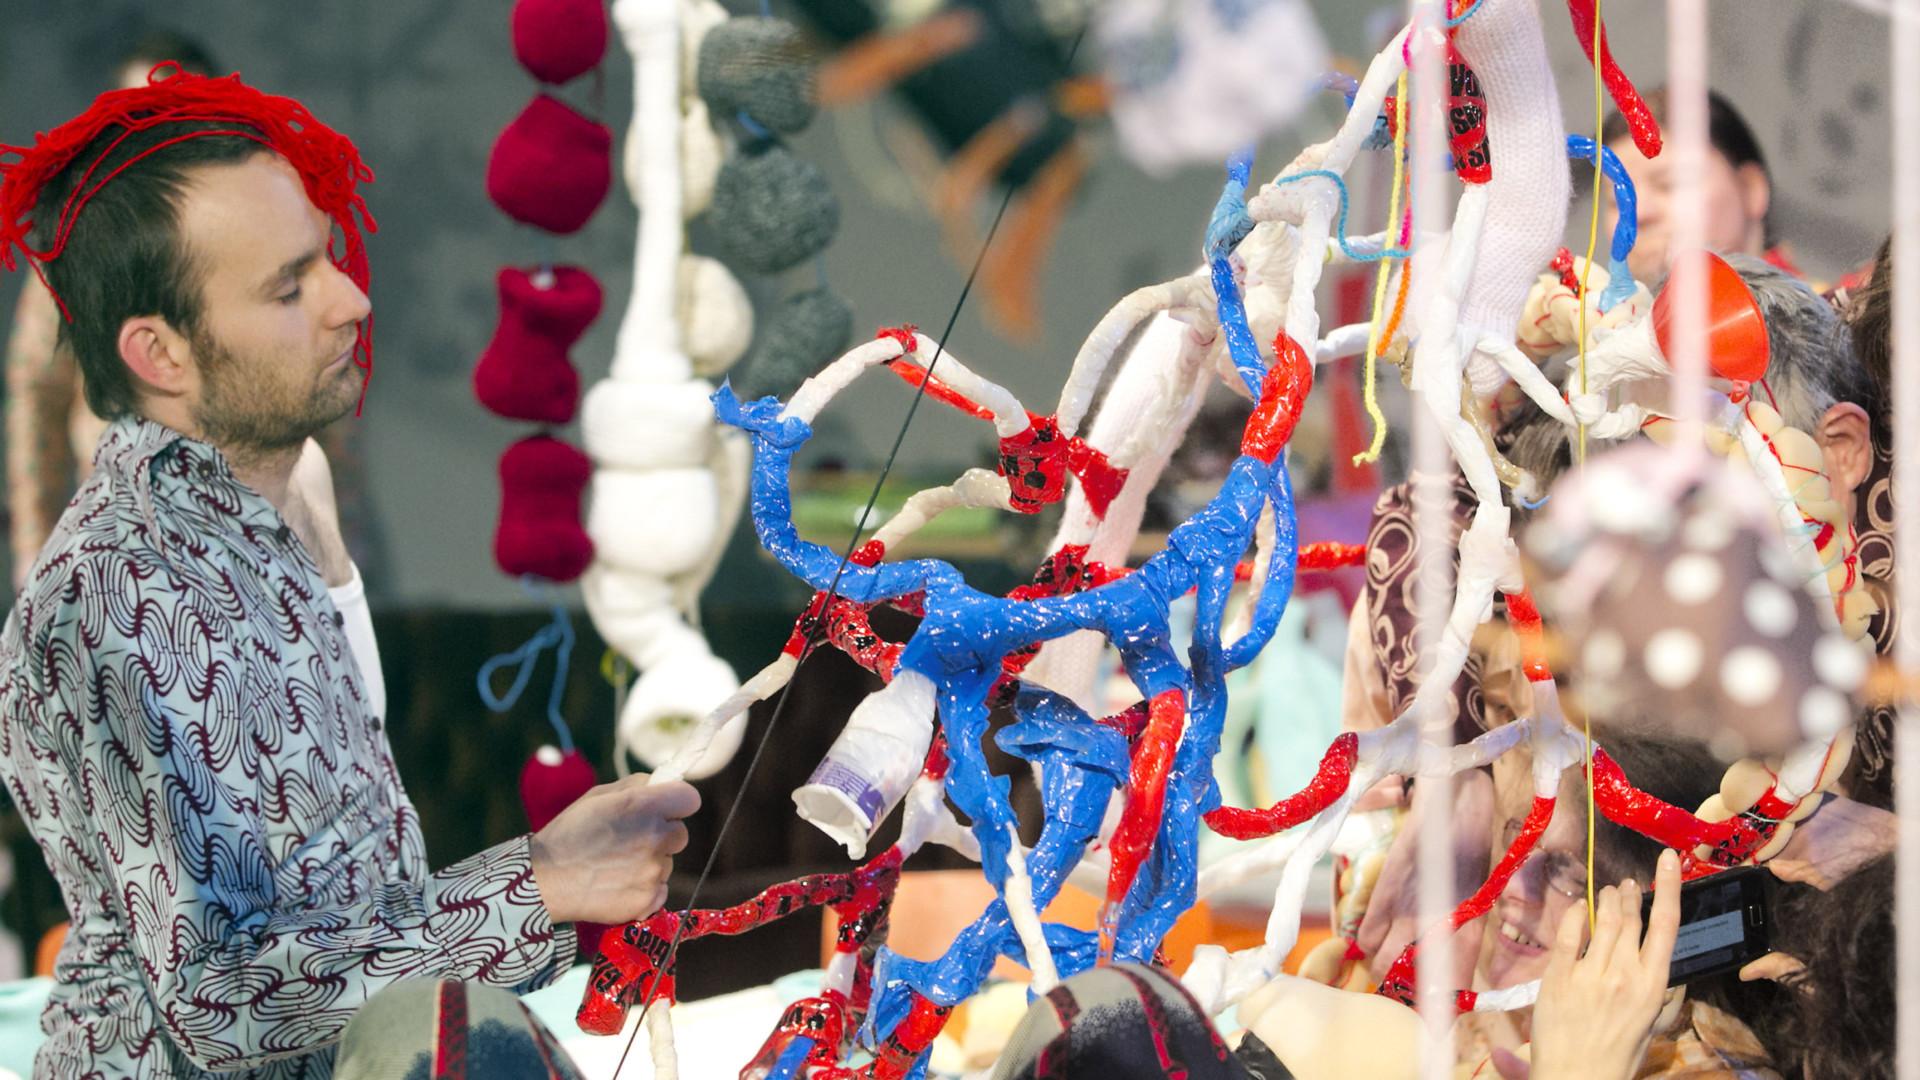 Szenenfoto aus einer Auffuehrung: Links steht ein Mann mit einem schlafanzugähnlichen Hemd mit einem Büschel roter Wolle auf dem Kopf vor einem fast bildfüllenden Gebilde aus roten, blauen und weißen Kabeln. Rechts hinten ist unscharf der Kopf einer Frau zu erkennen.